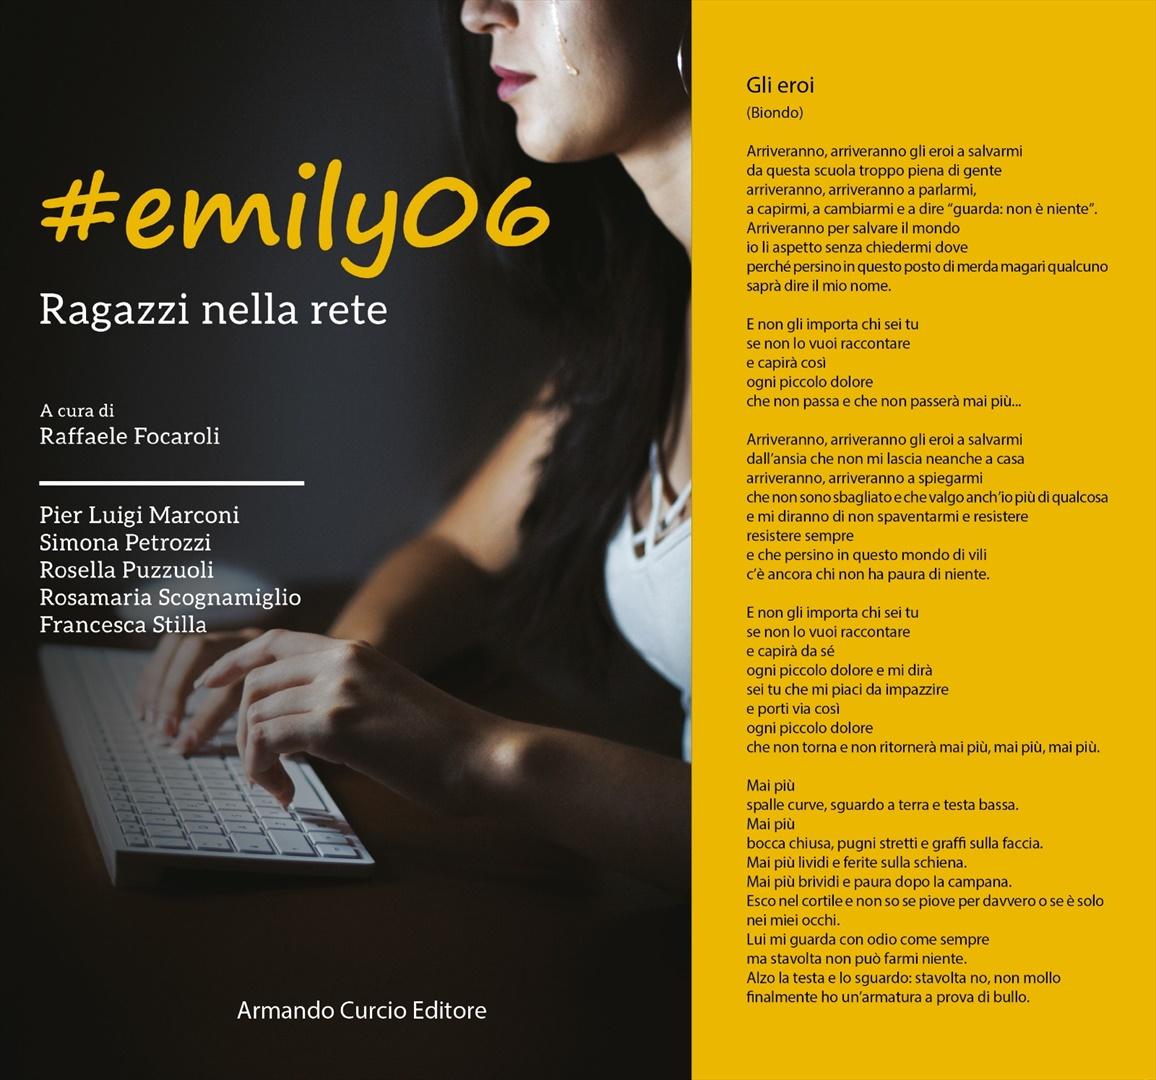 Emily06, un libro per i ragazzi sull'uso consapevole dei nuovi strumenti digitali